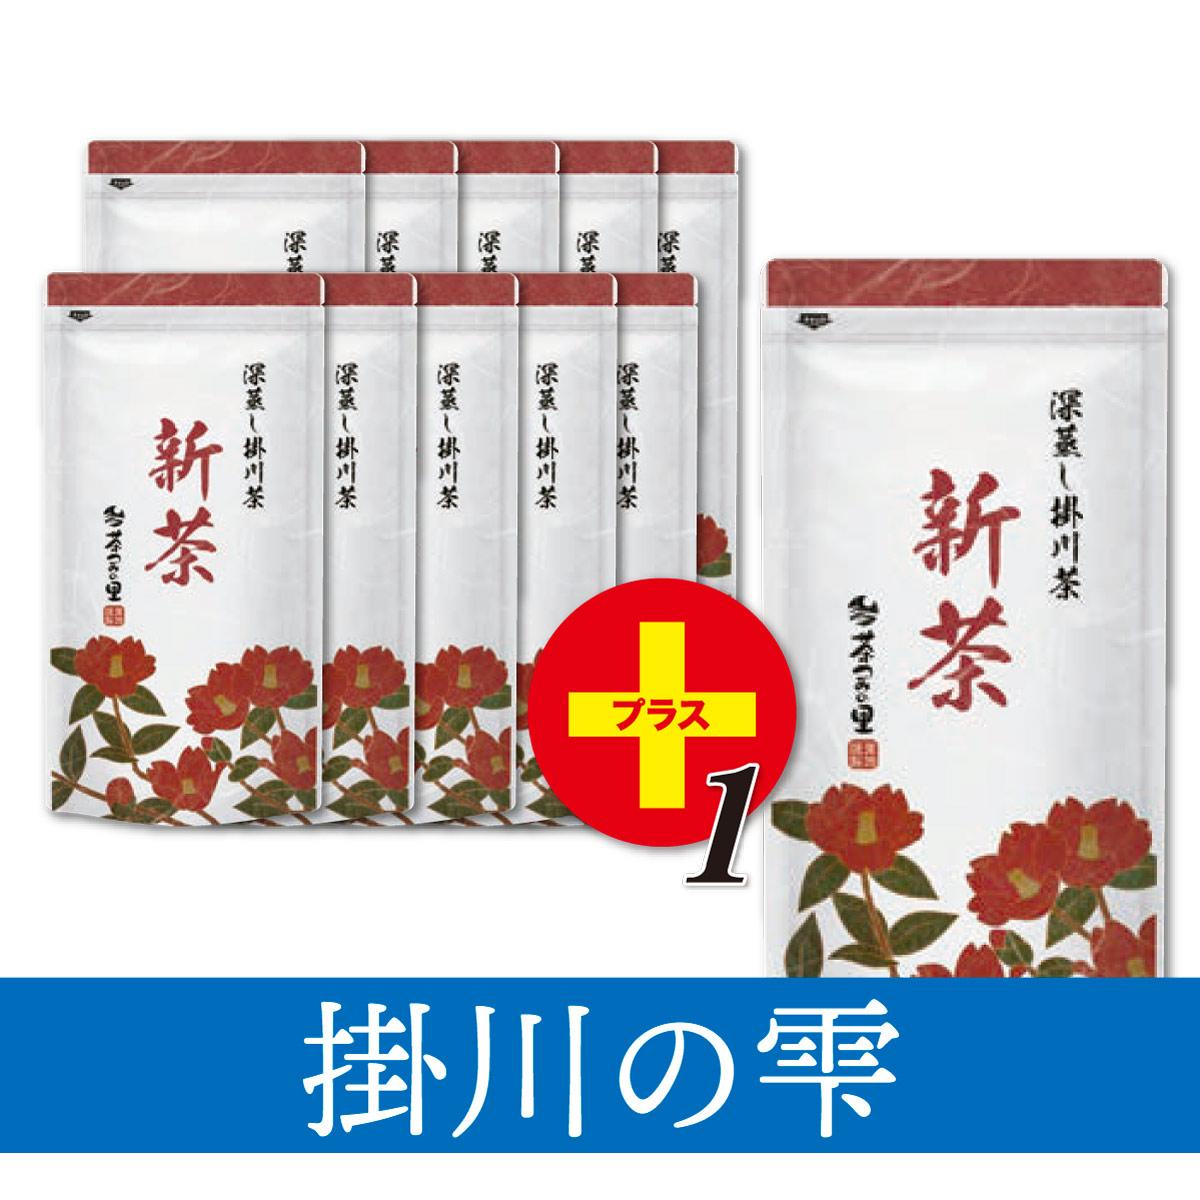 【予約商品】<新茶>掛川の雫(100g袋入×11本)※10本価格で11本!<5月31日まで>